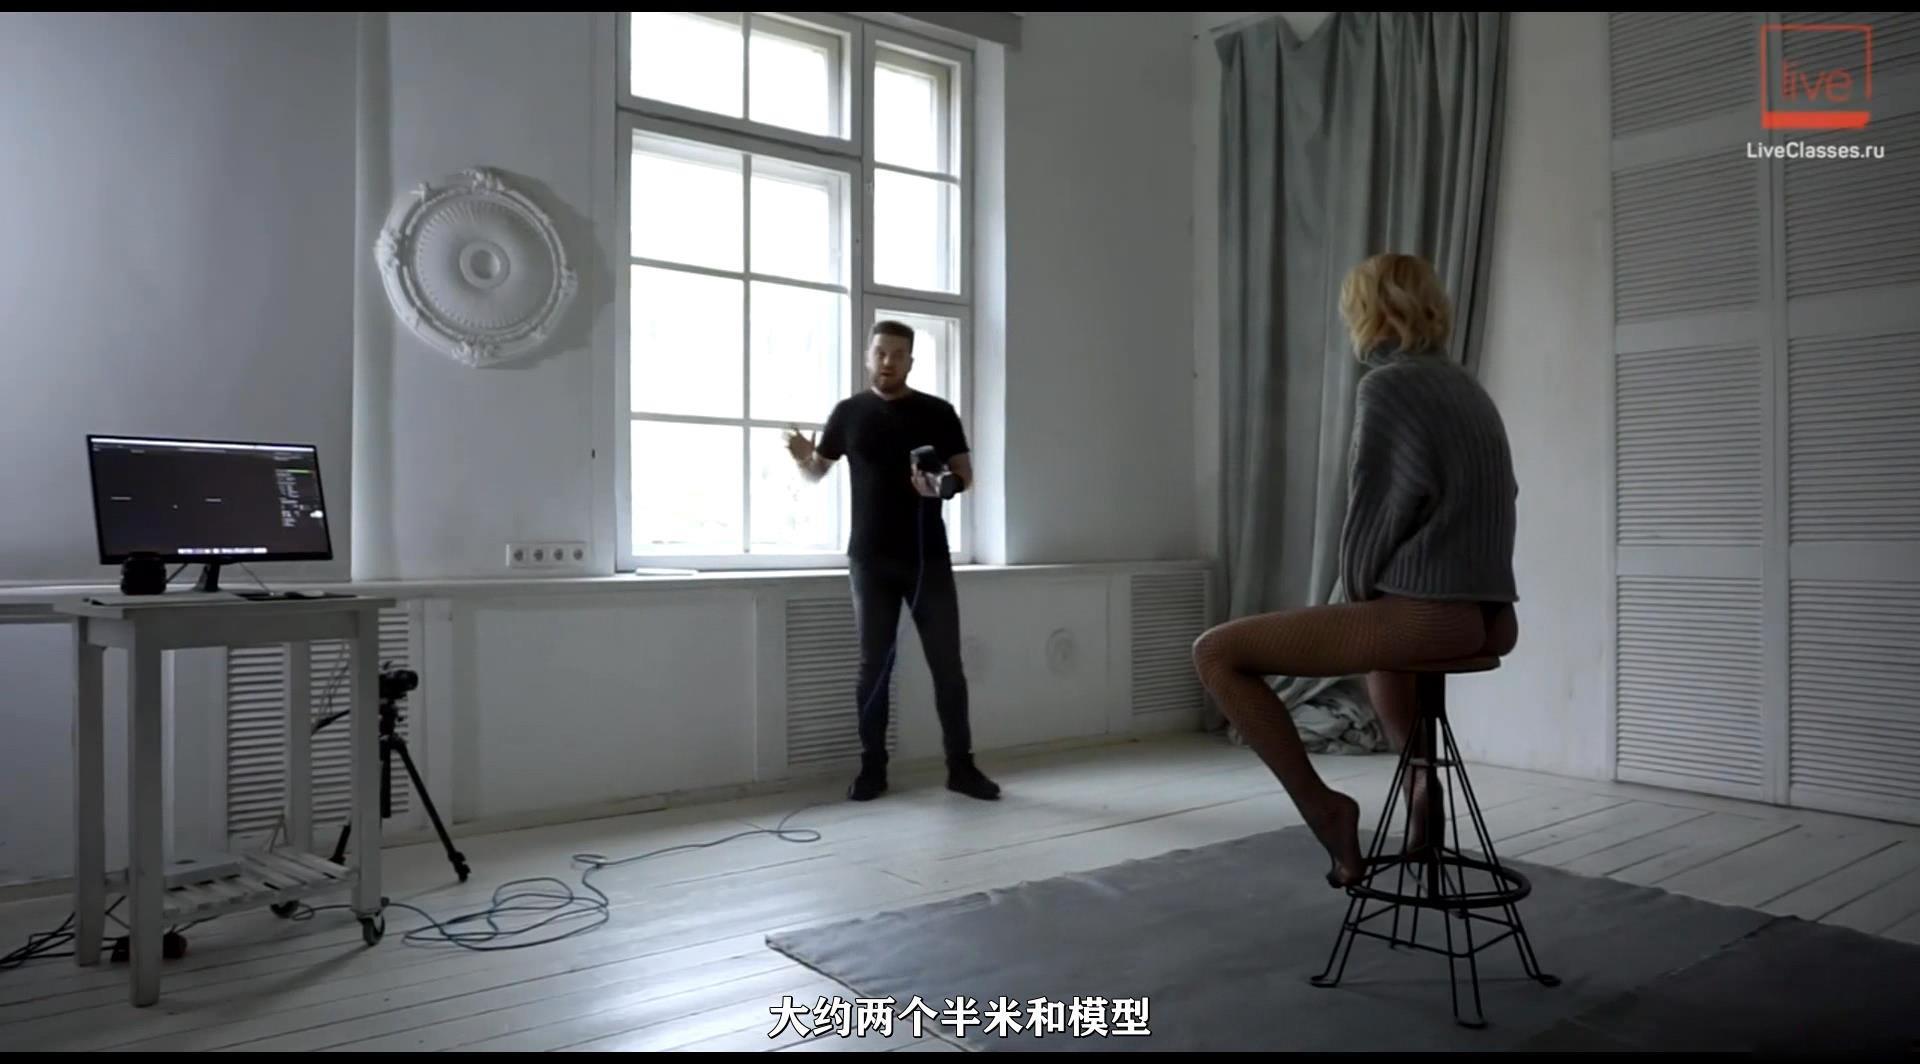 摄影教程_liveclasses -Alexander Talyuka 棚拍人像7种窗户光布光方案-中文字幕 摄影教程 _预览图2